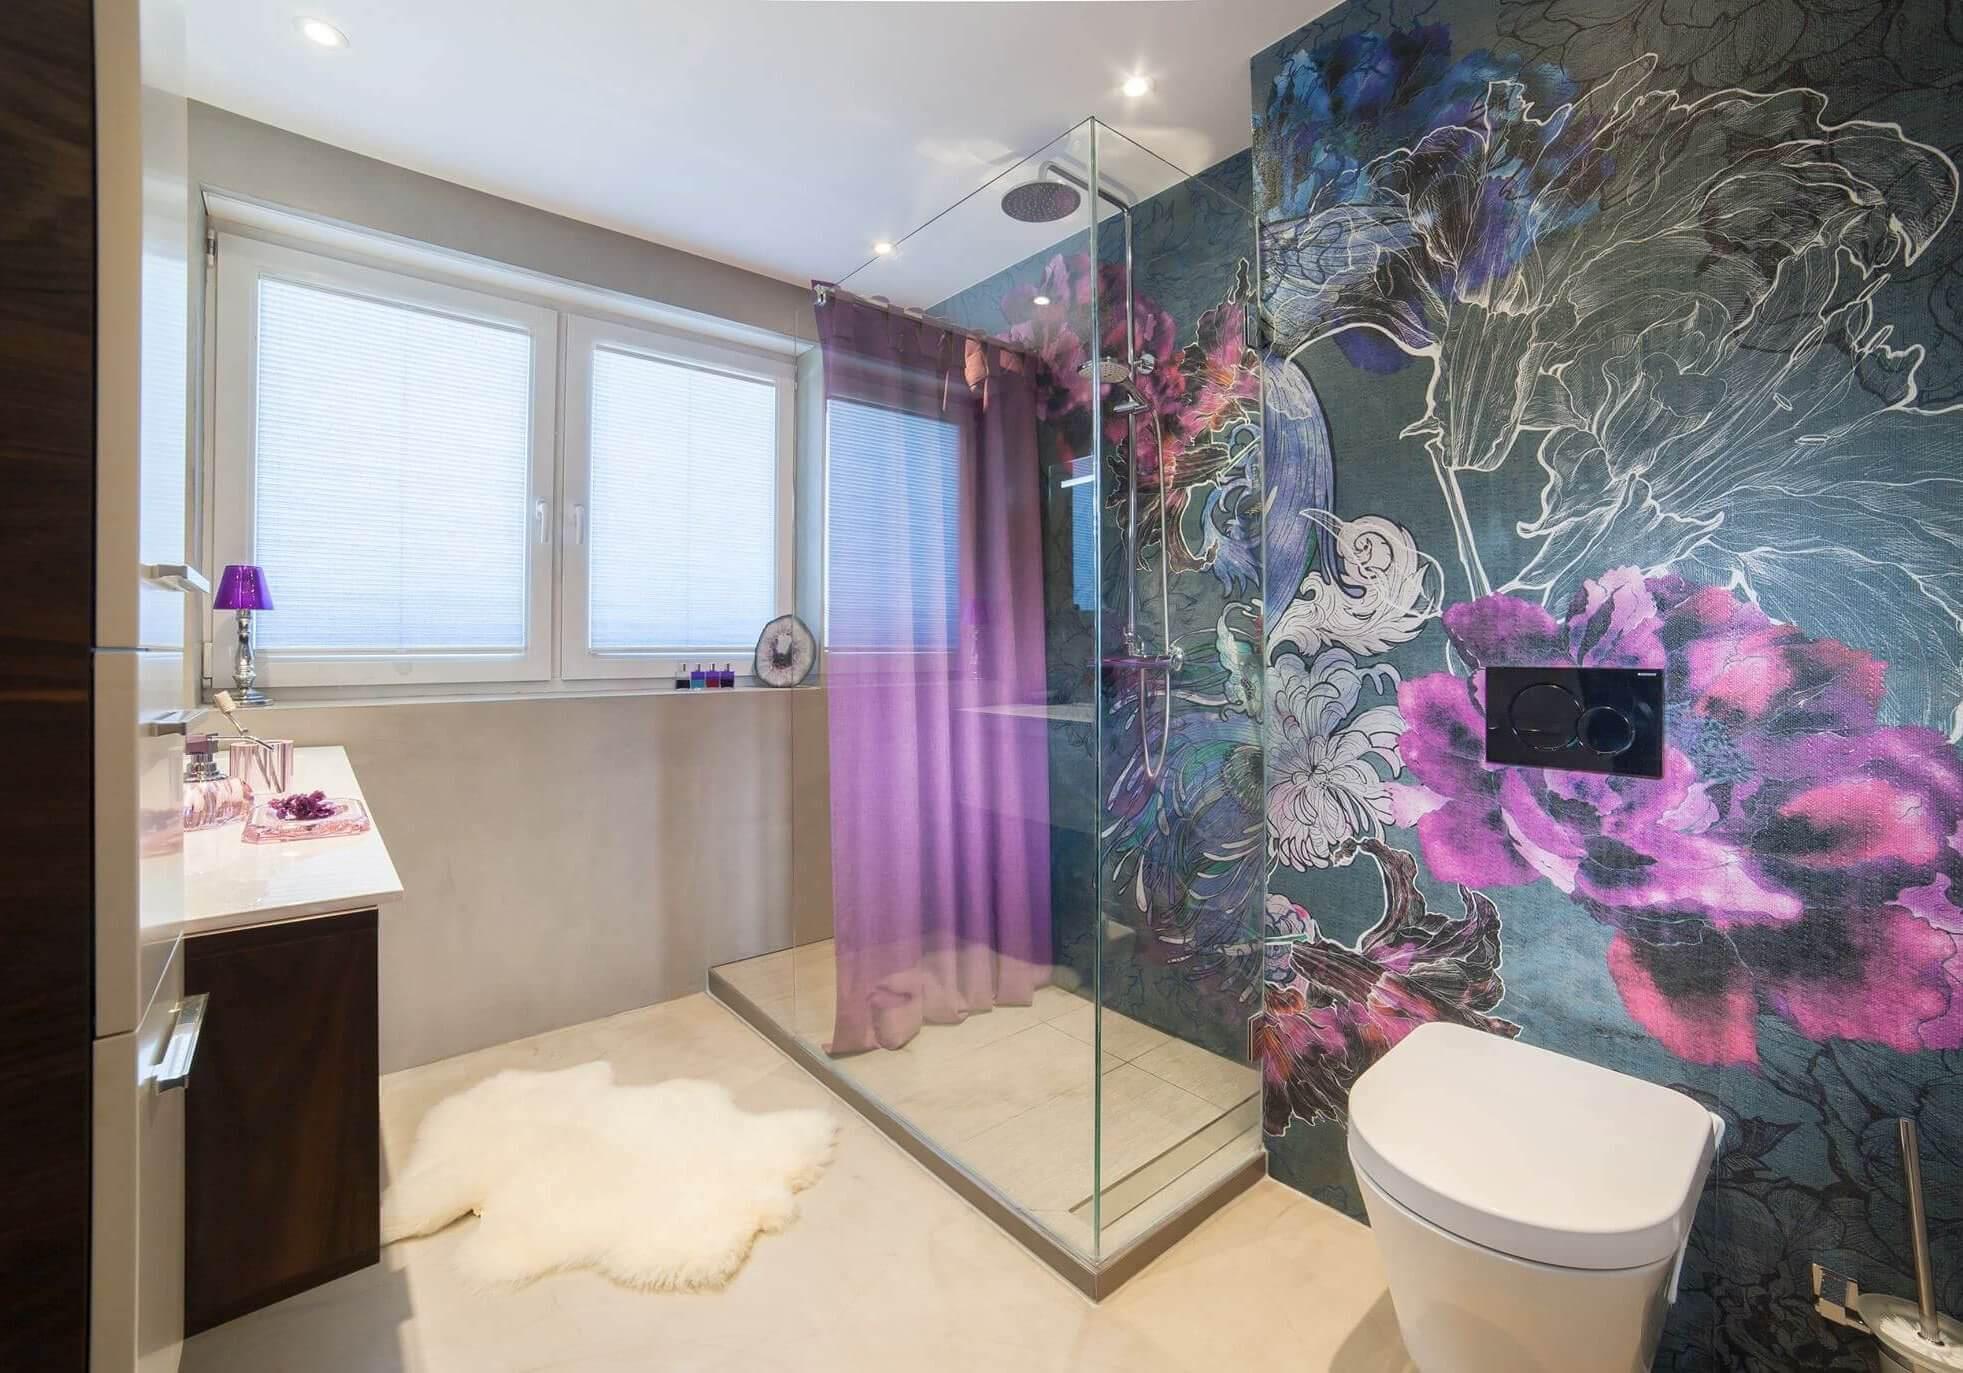 Der weiße Boden sorgt für viel Fläche, während die Wand mit der Feuchtraumtapete Stil und Extravaganz ins Bad bringt